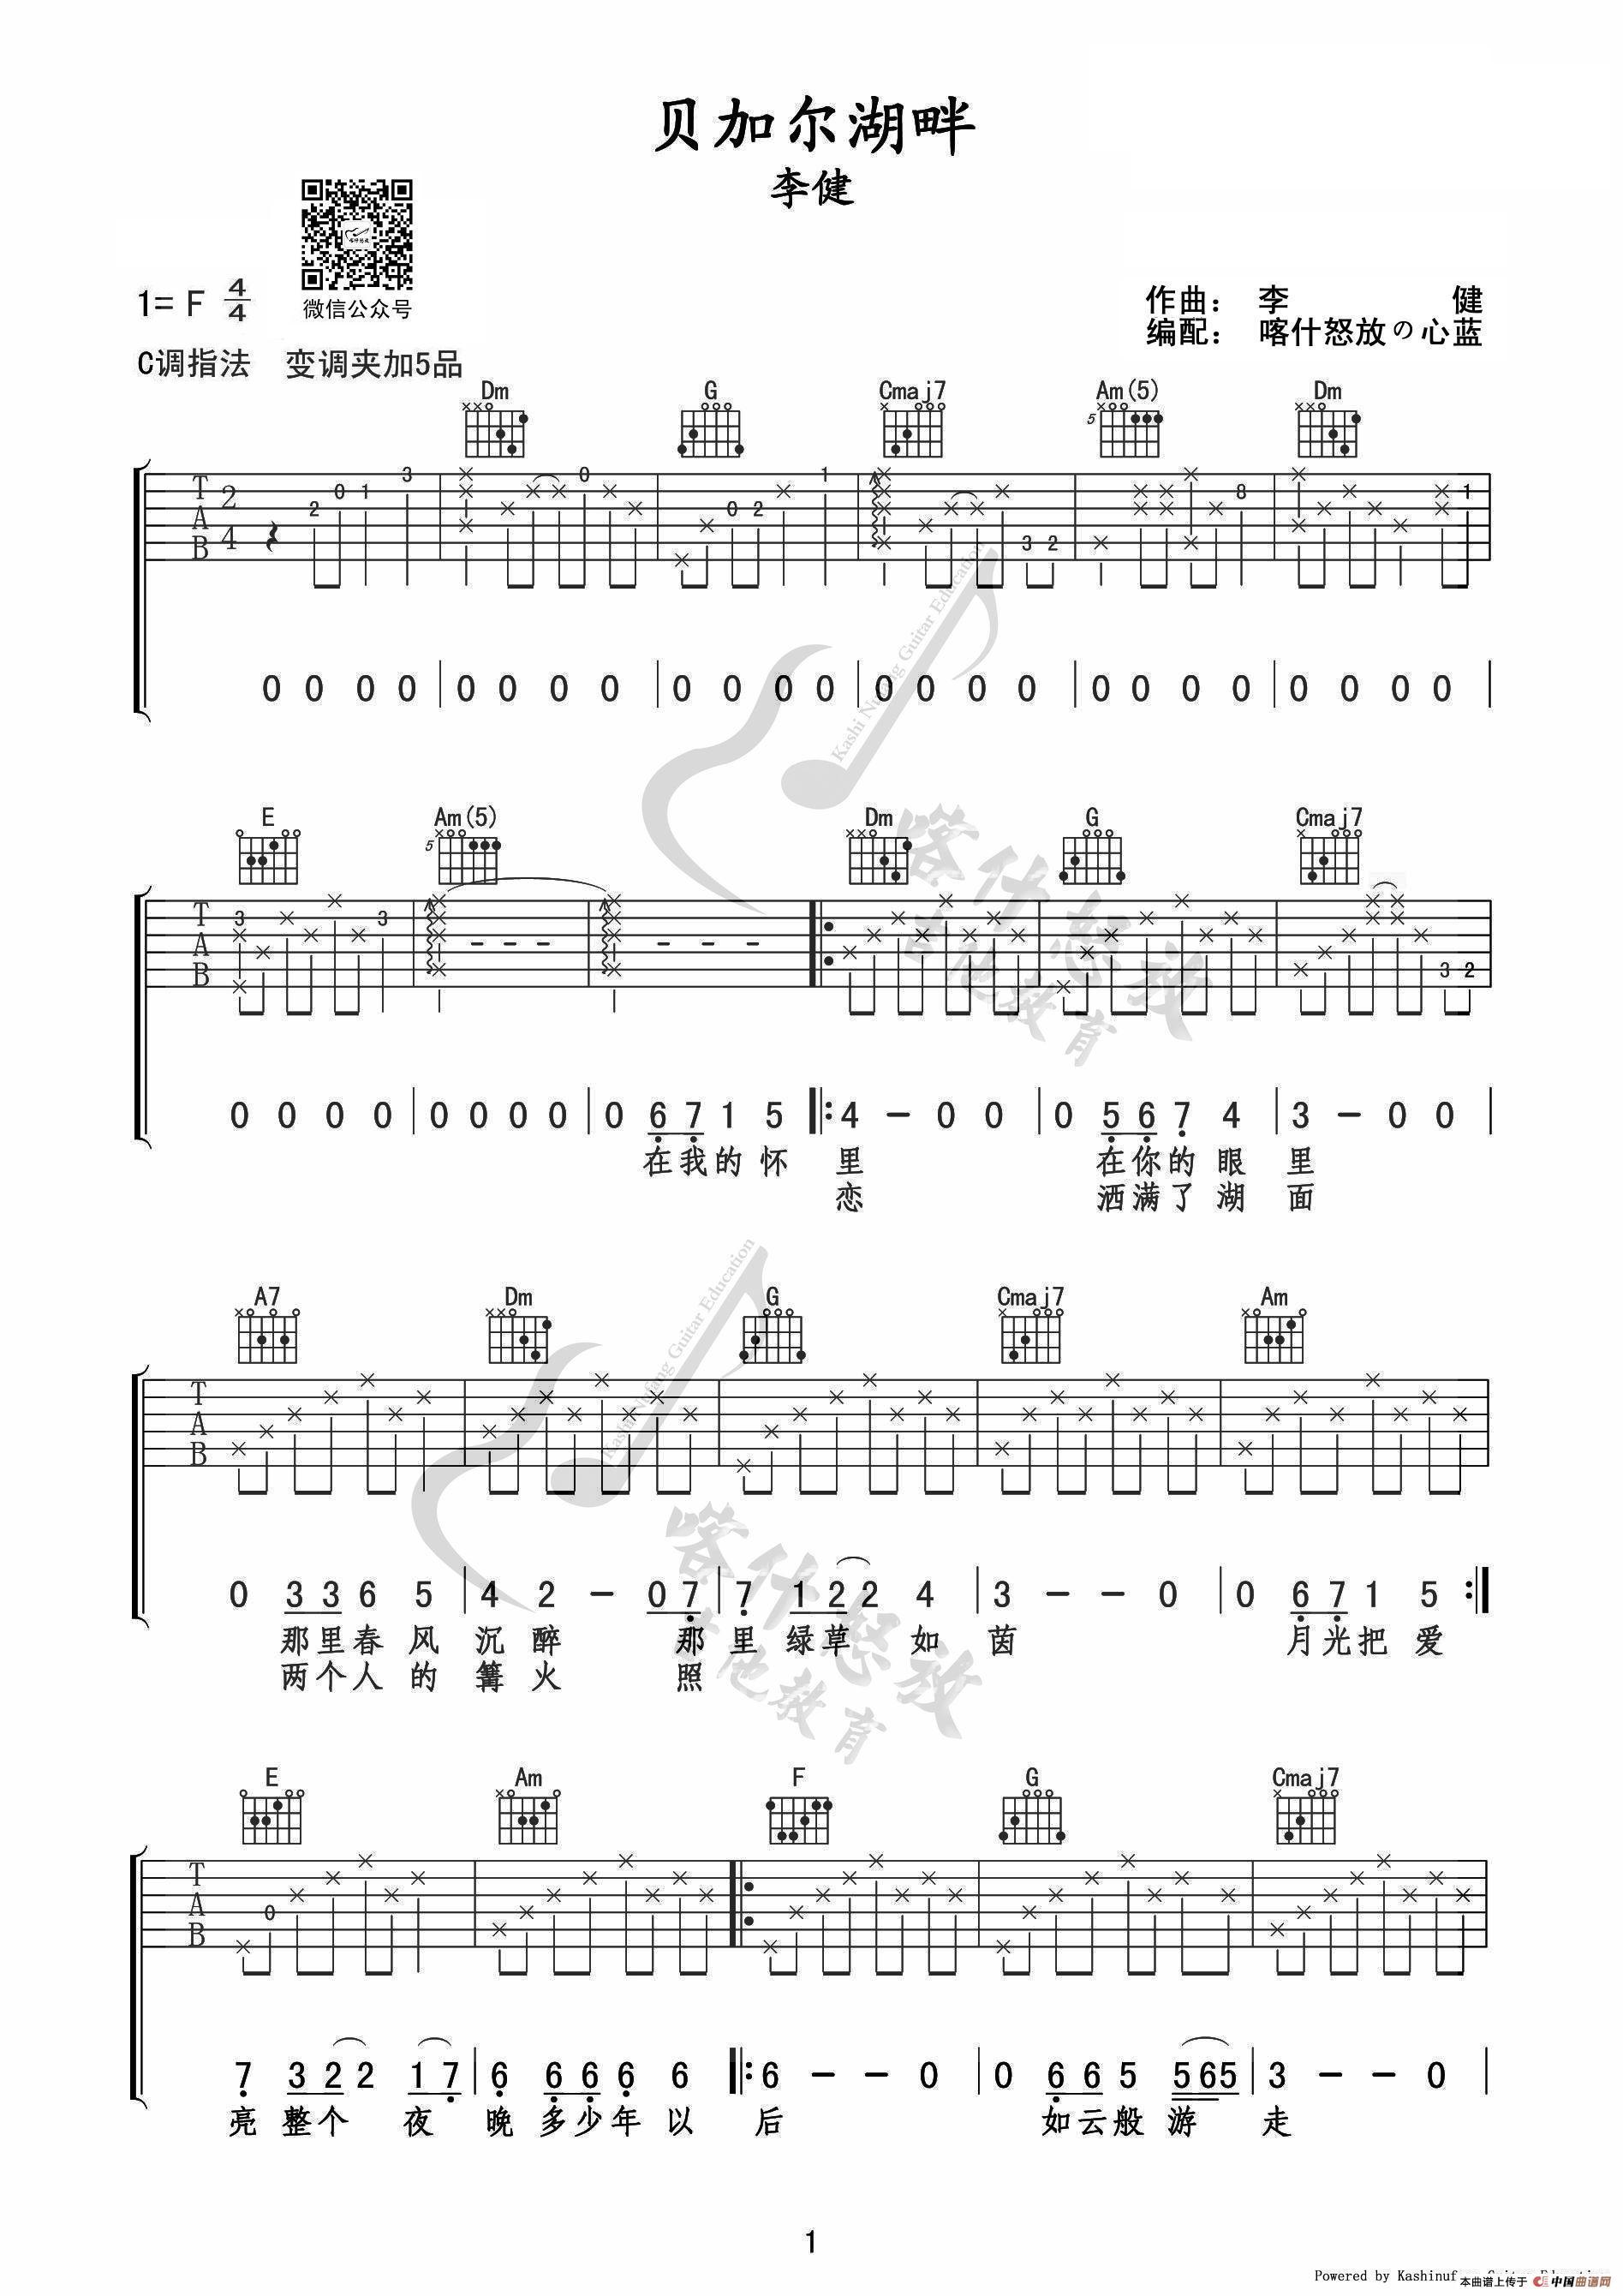 貝加爾湖畔簡譜(吉他譜)_喀什怒放個人制譜園地_中國圖片